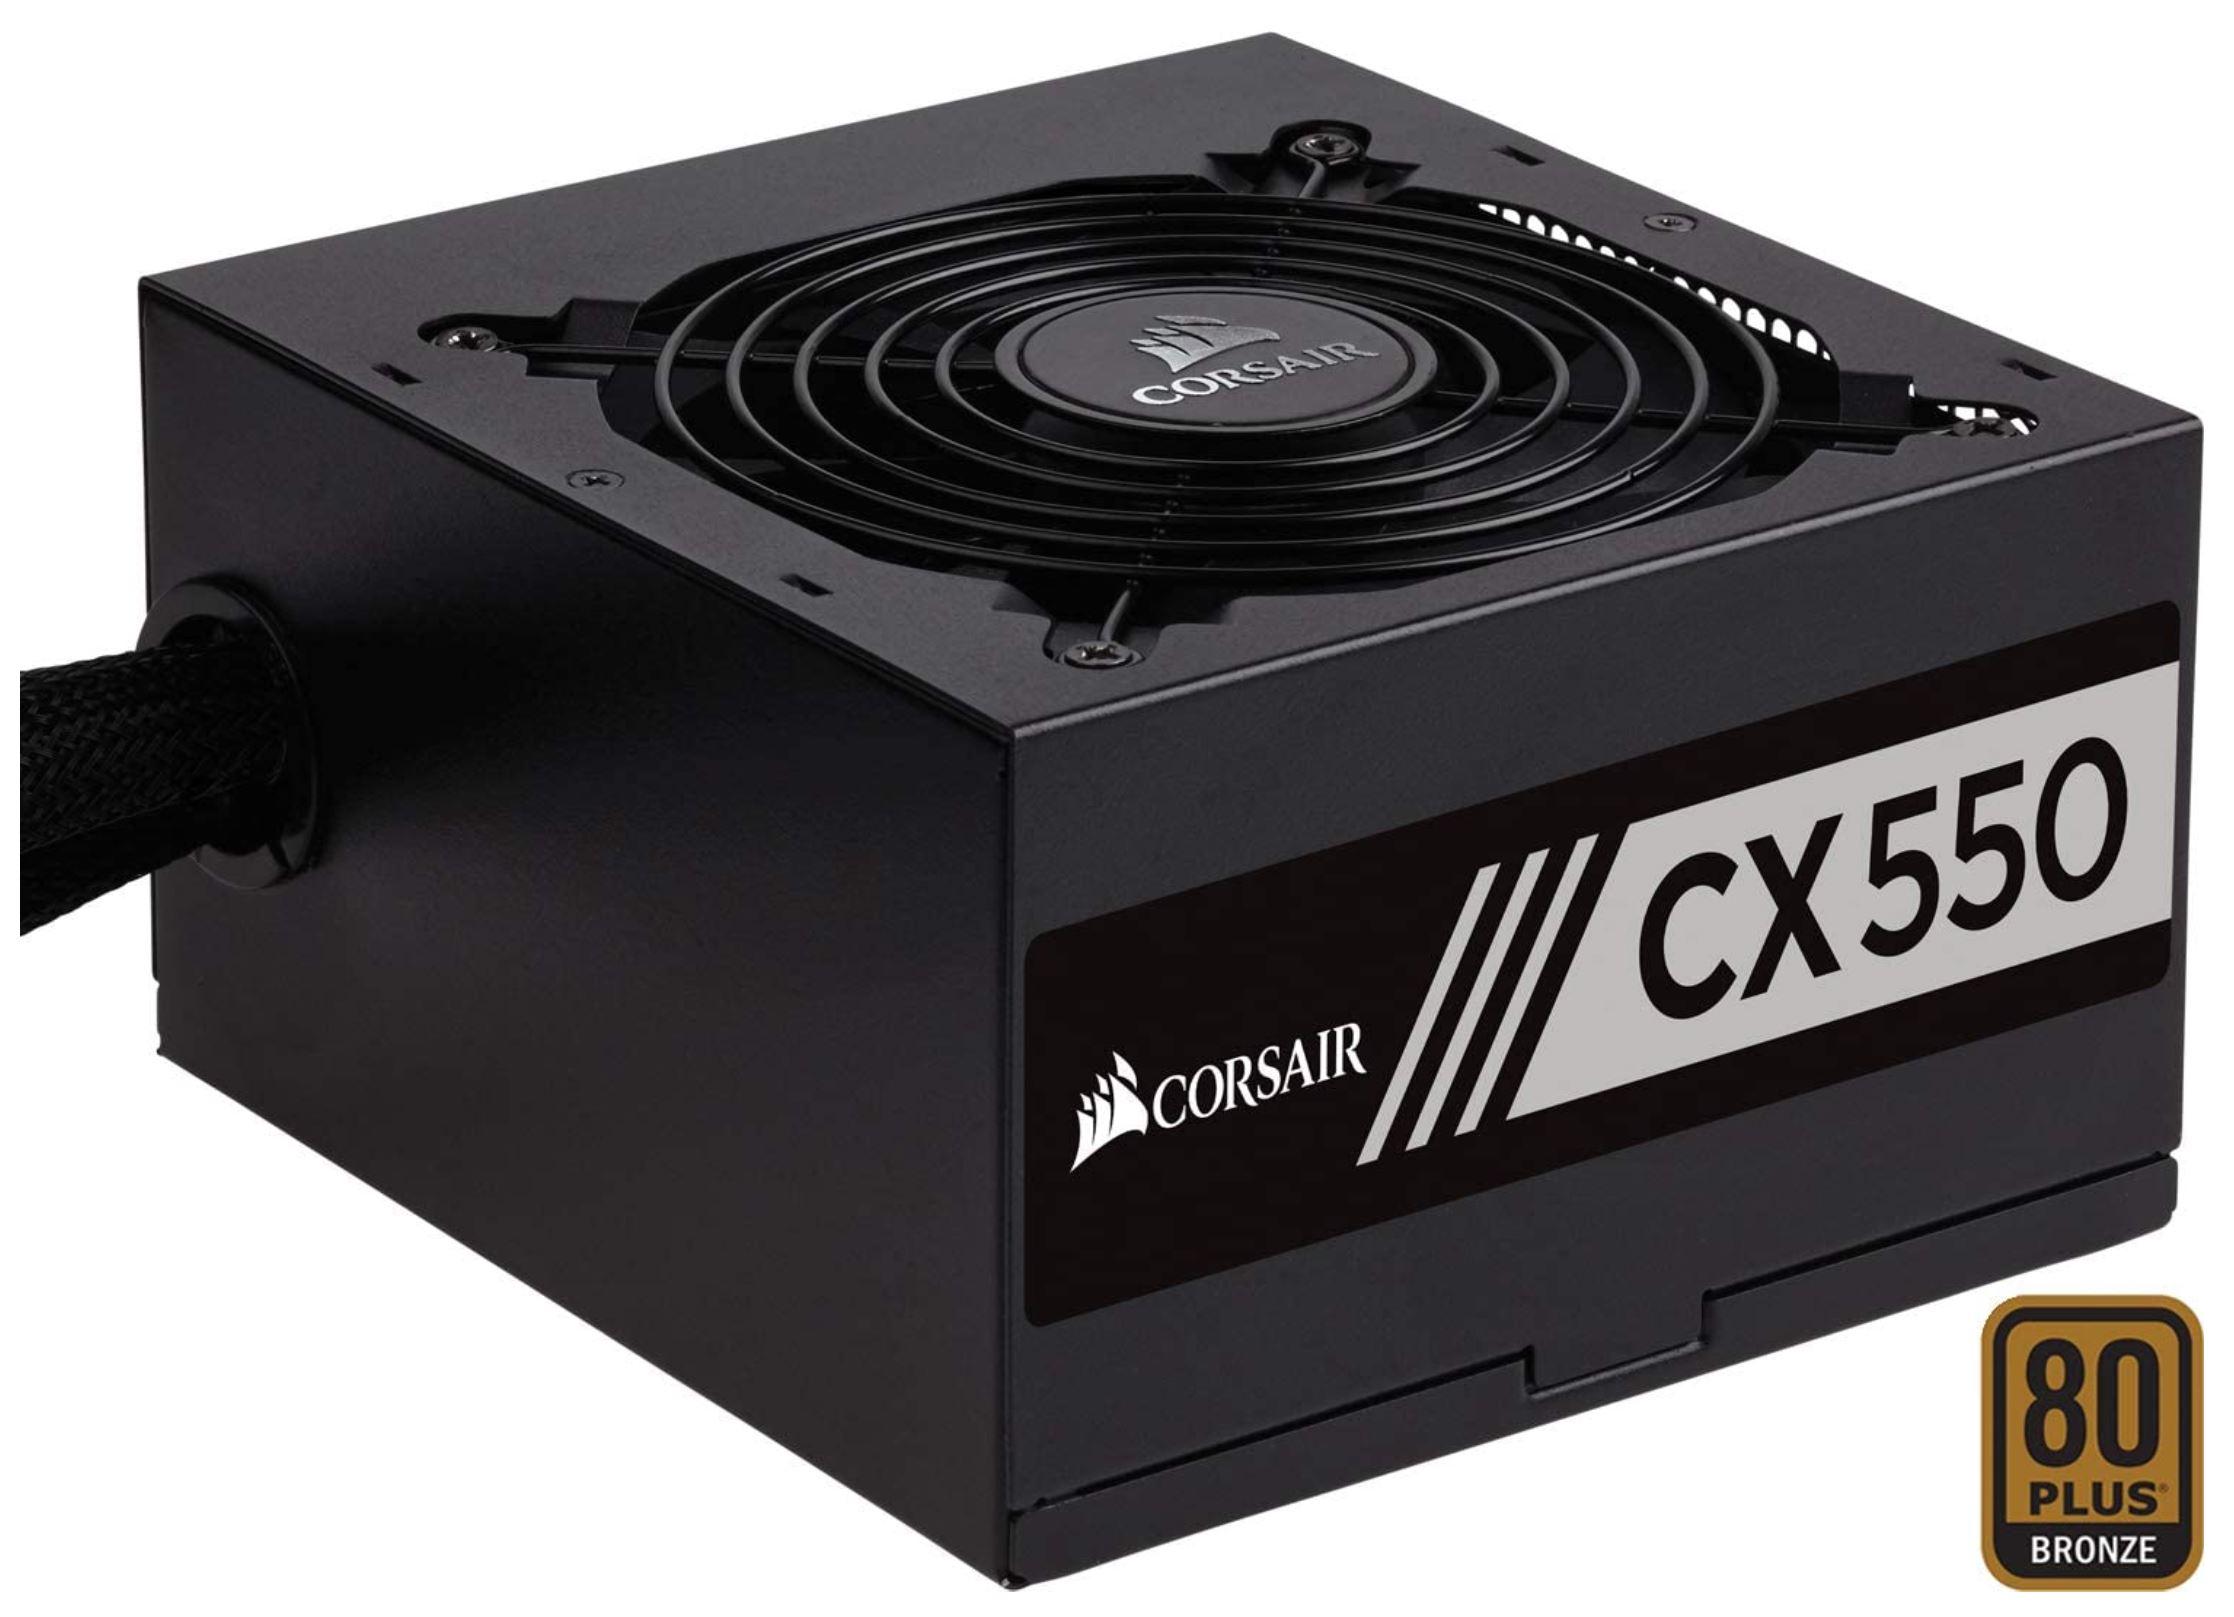 Corsair CX550 | 80 Plus Brons | 550 Watt voeding